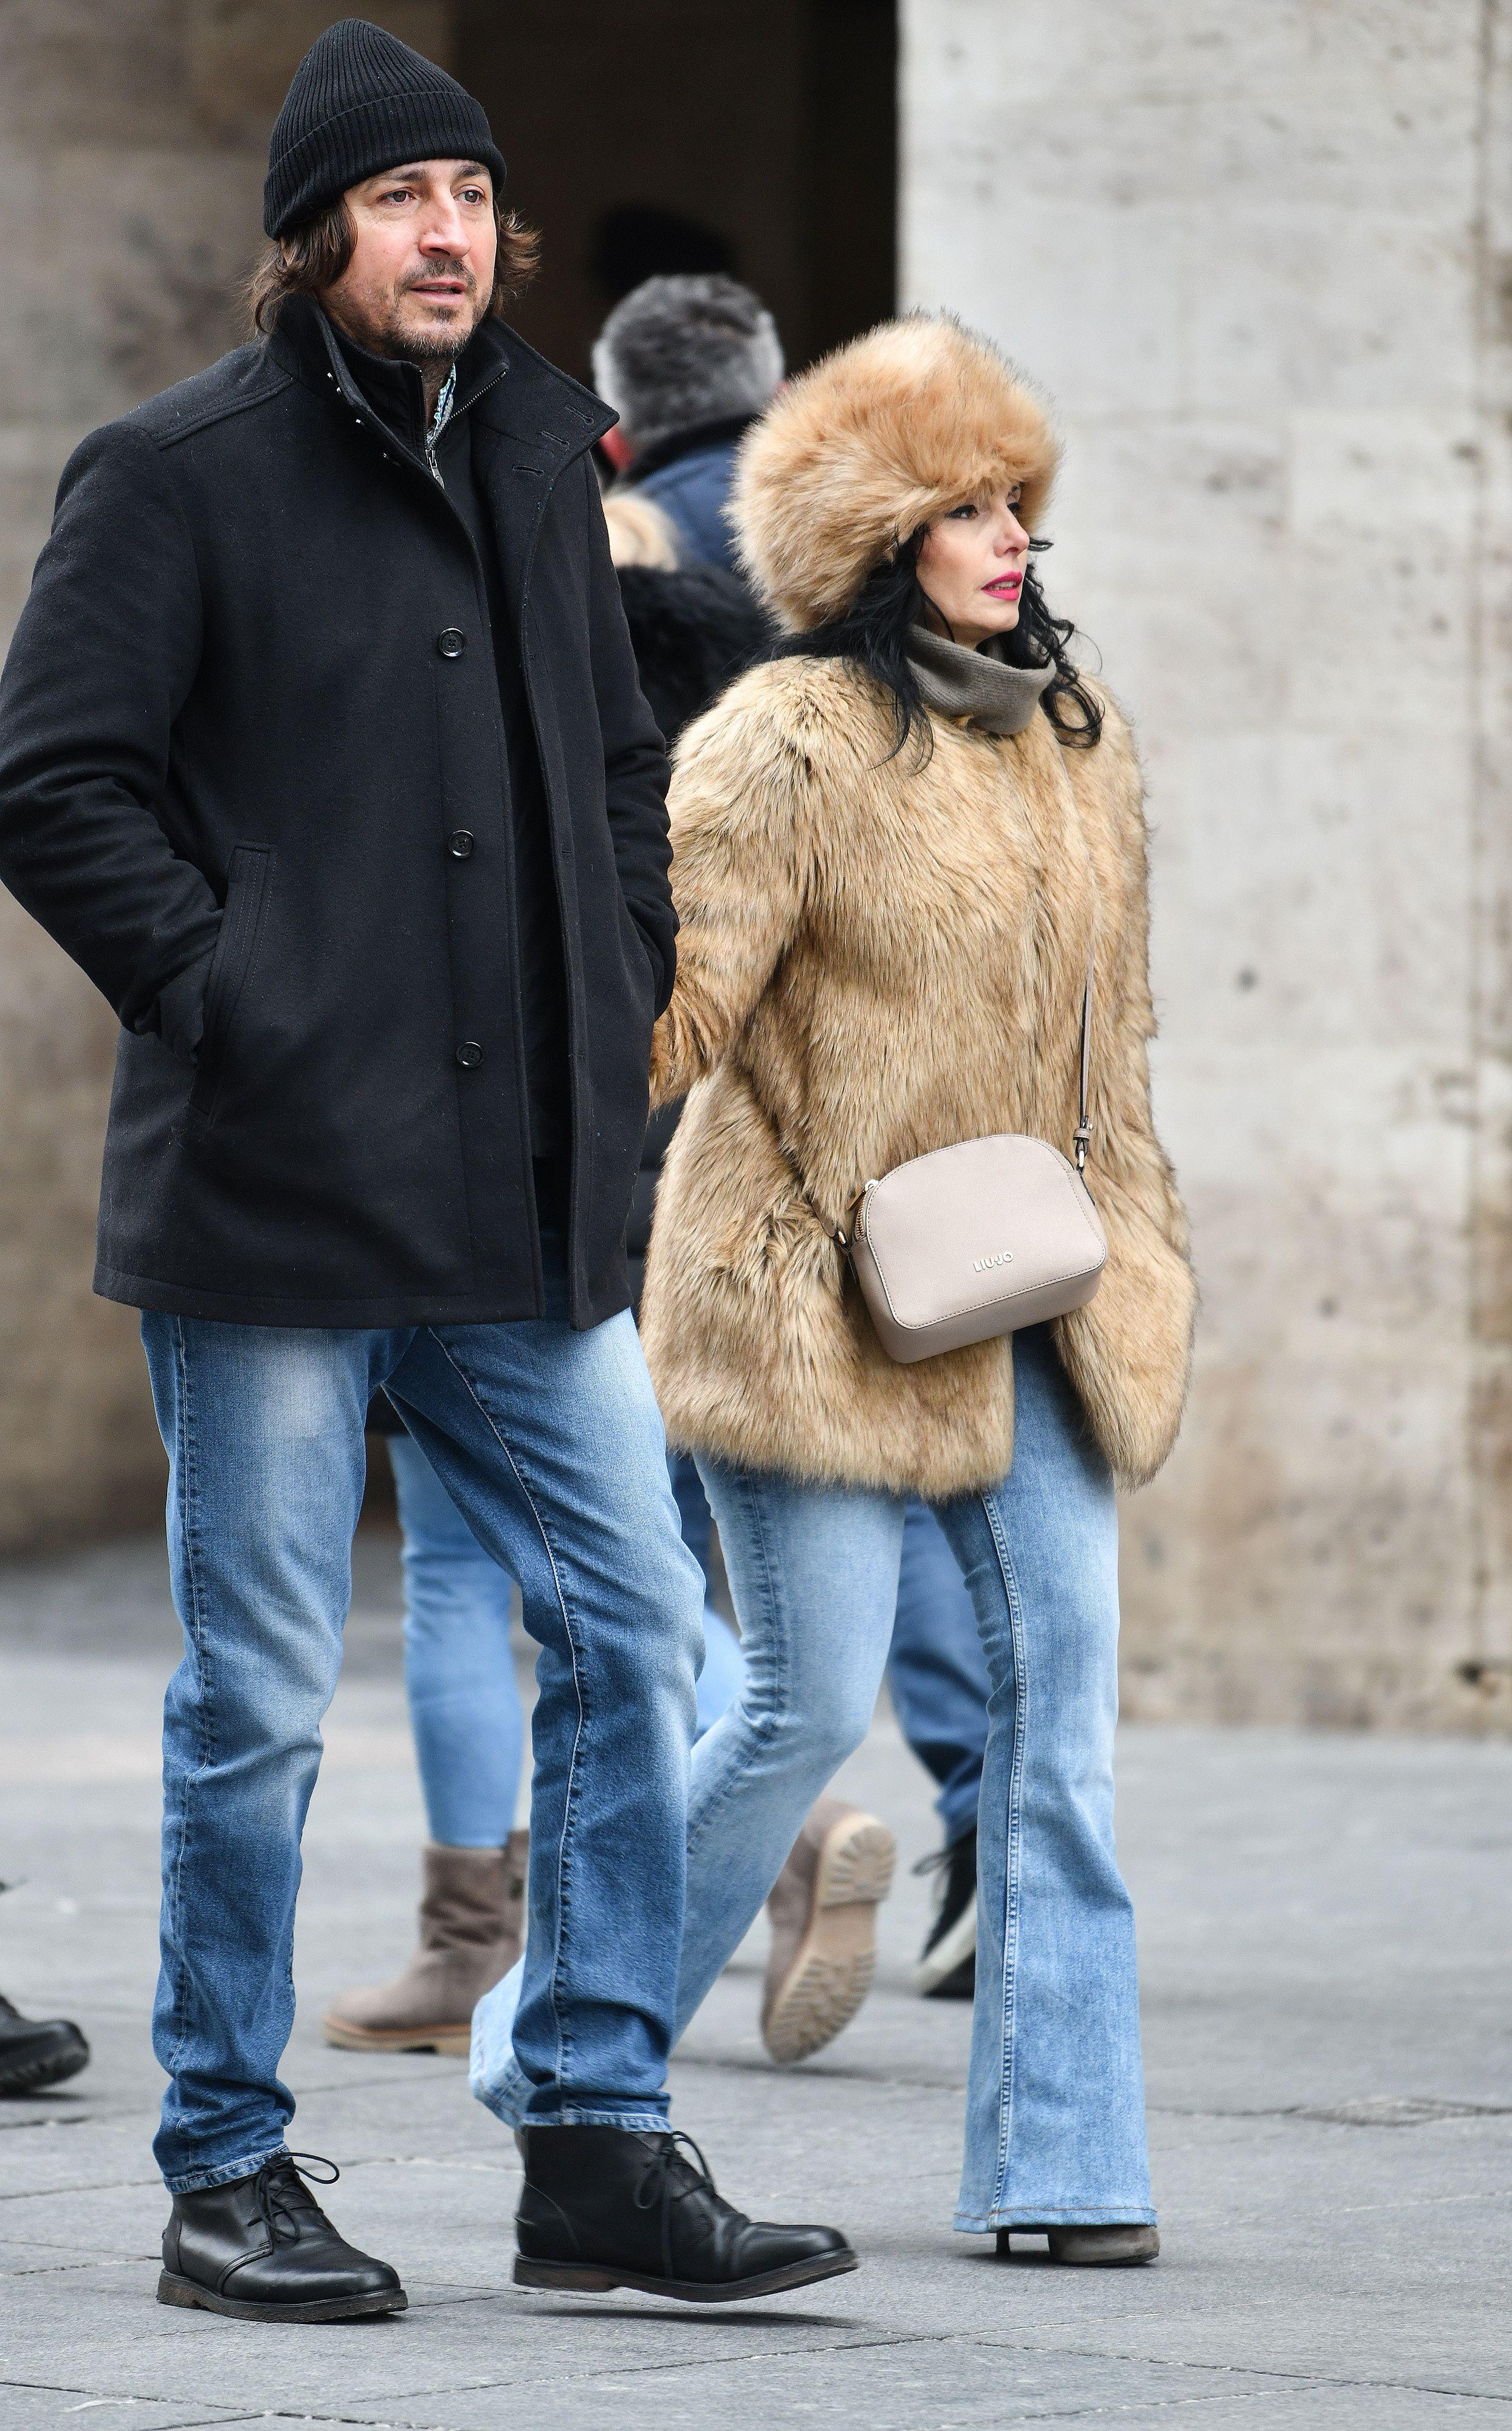 Moskva ili Zagreb? Ljepotica sa špice pokazala je savršen outfit u kojem nema zime